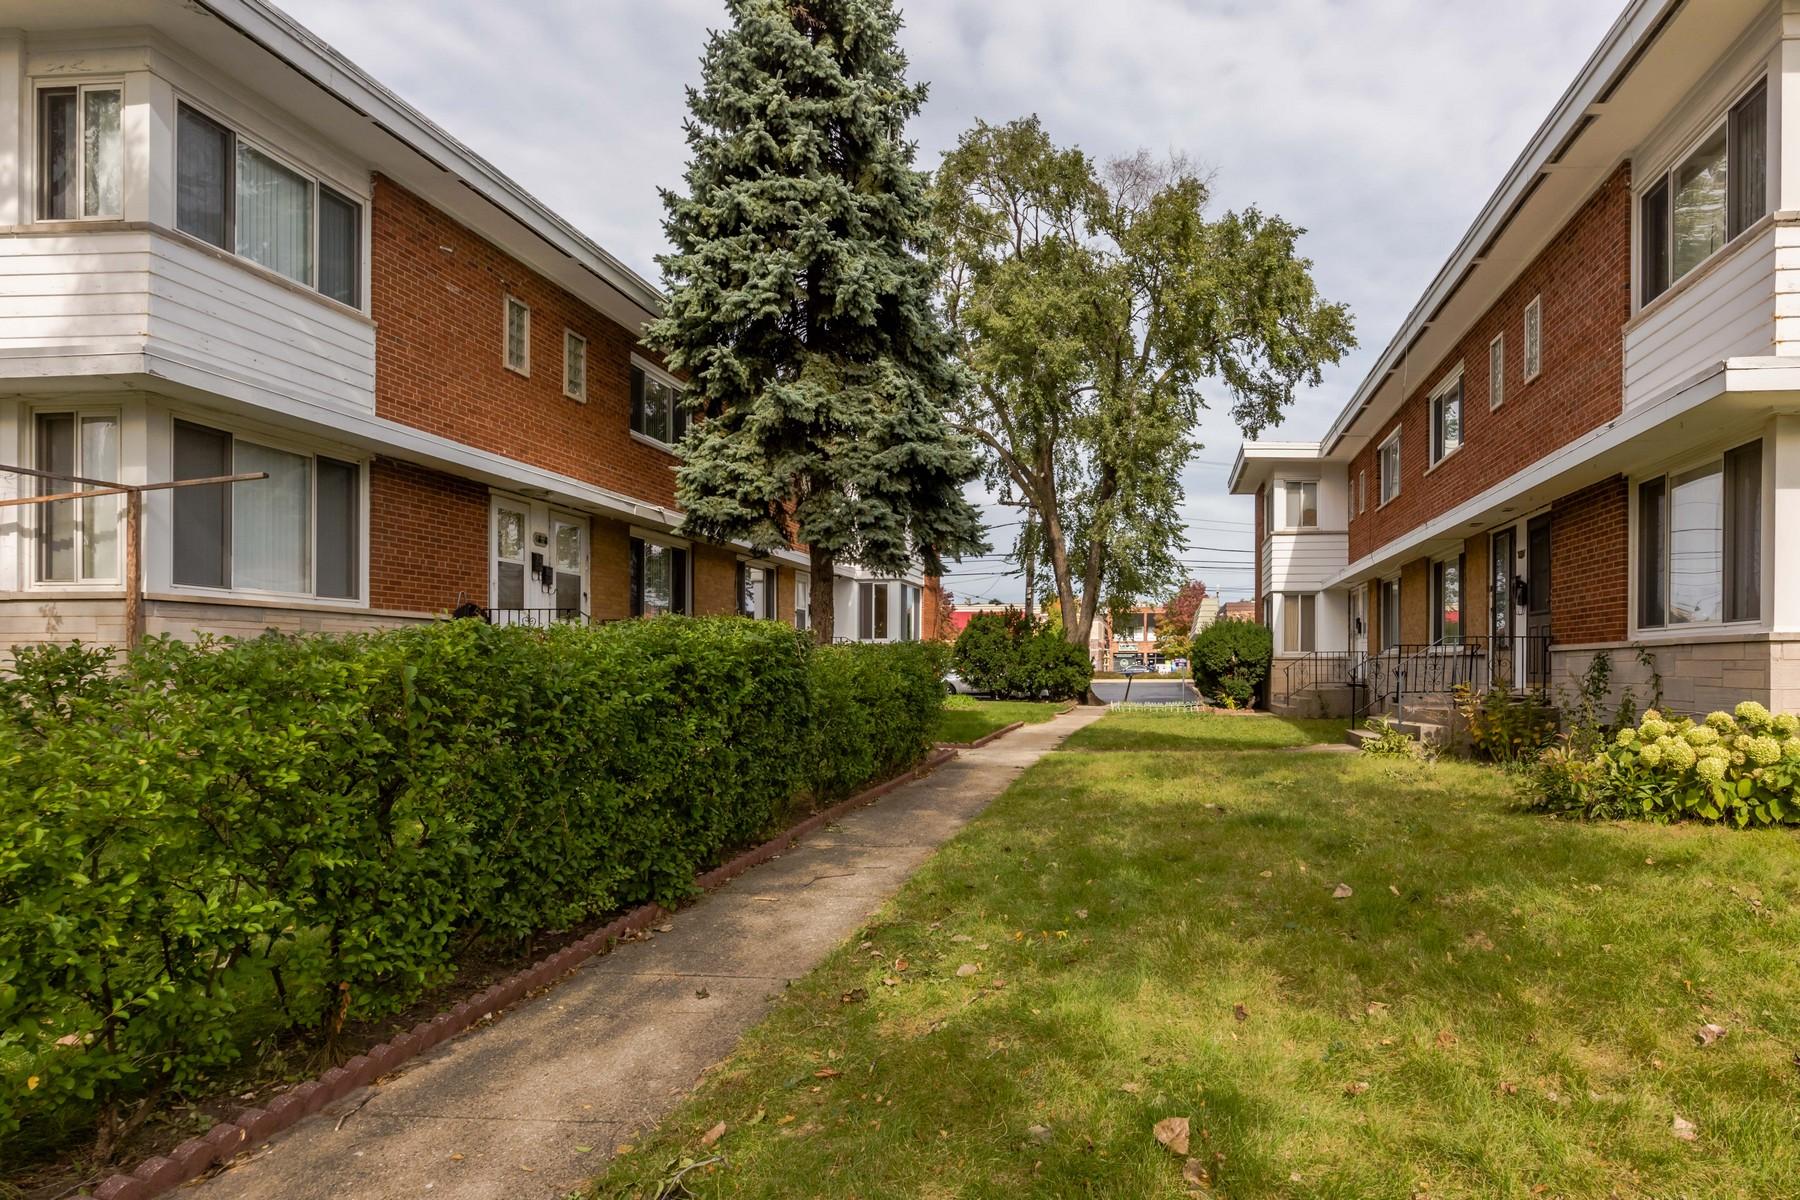 Stadthaus für Verkauf beim Truly Amazing End Unit Townhome 4858 Carol Street Unit D Skokie, Illinois, 60077 Vereinigte Staaten